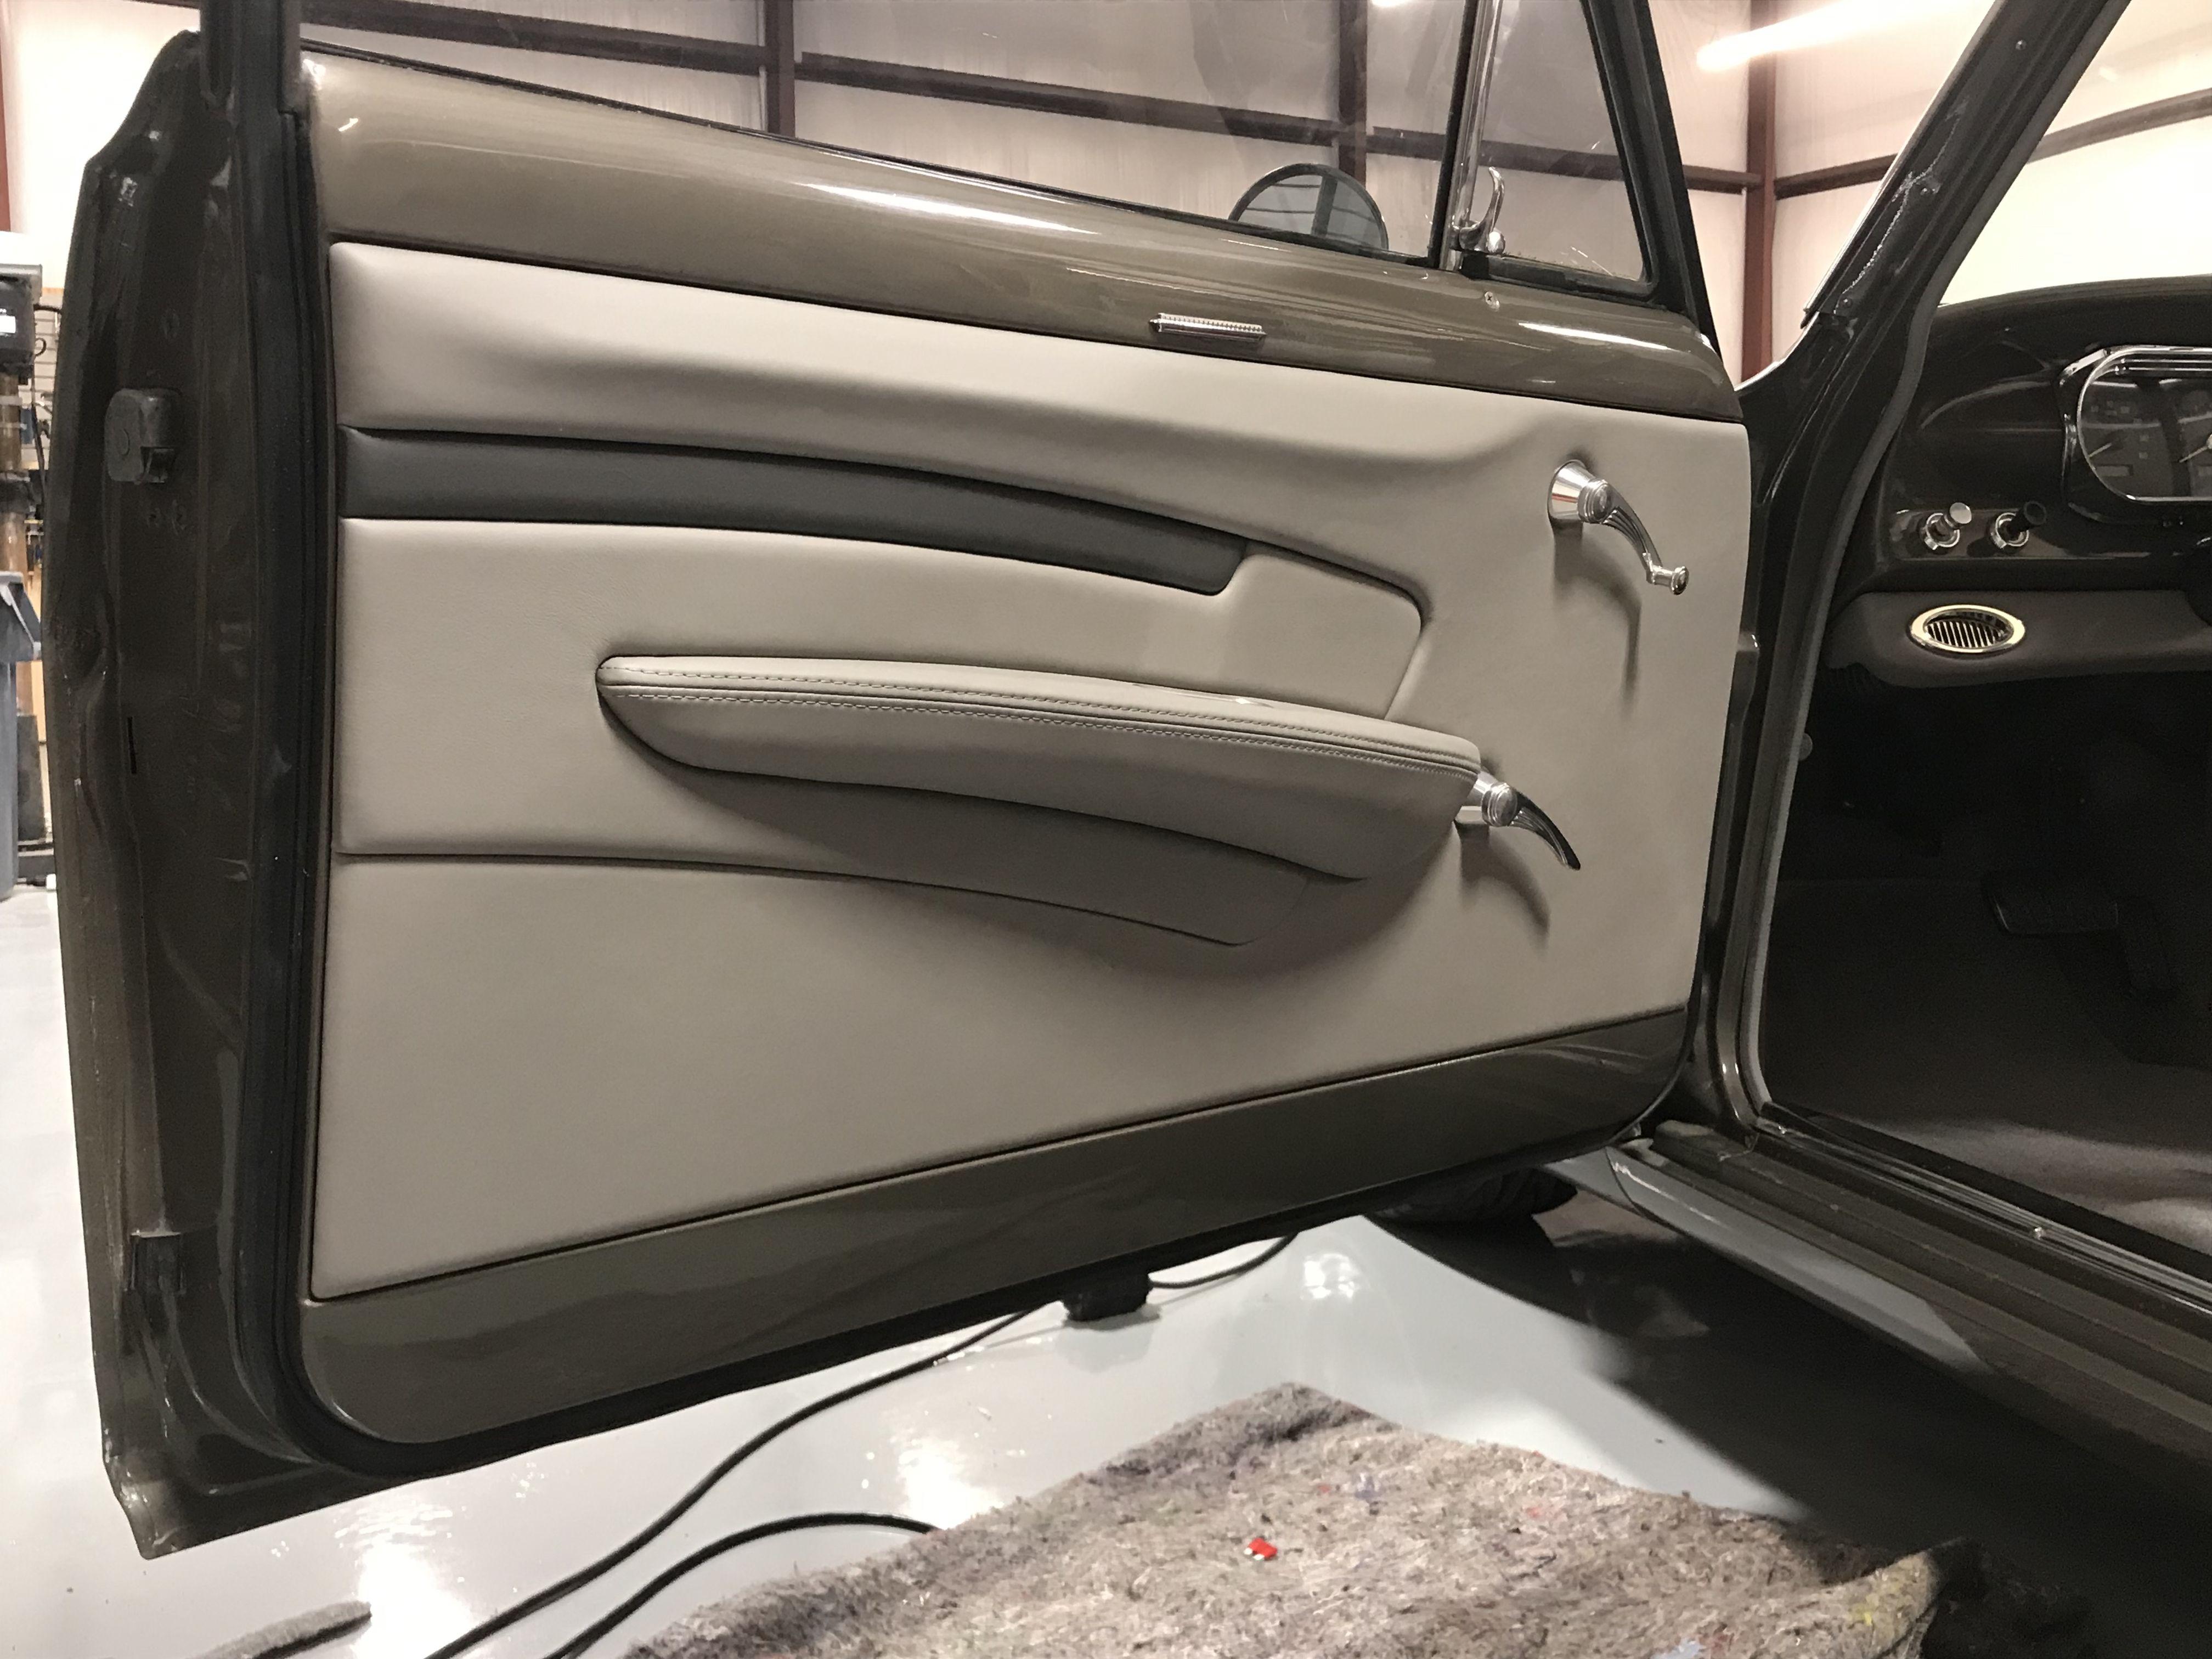 1957 Bel Air Carbuff Network In 2020 57 Chevy Bel Air Bel Air Custom Car Interior